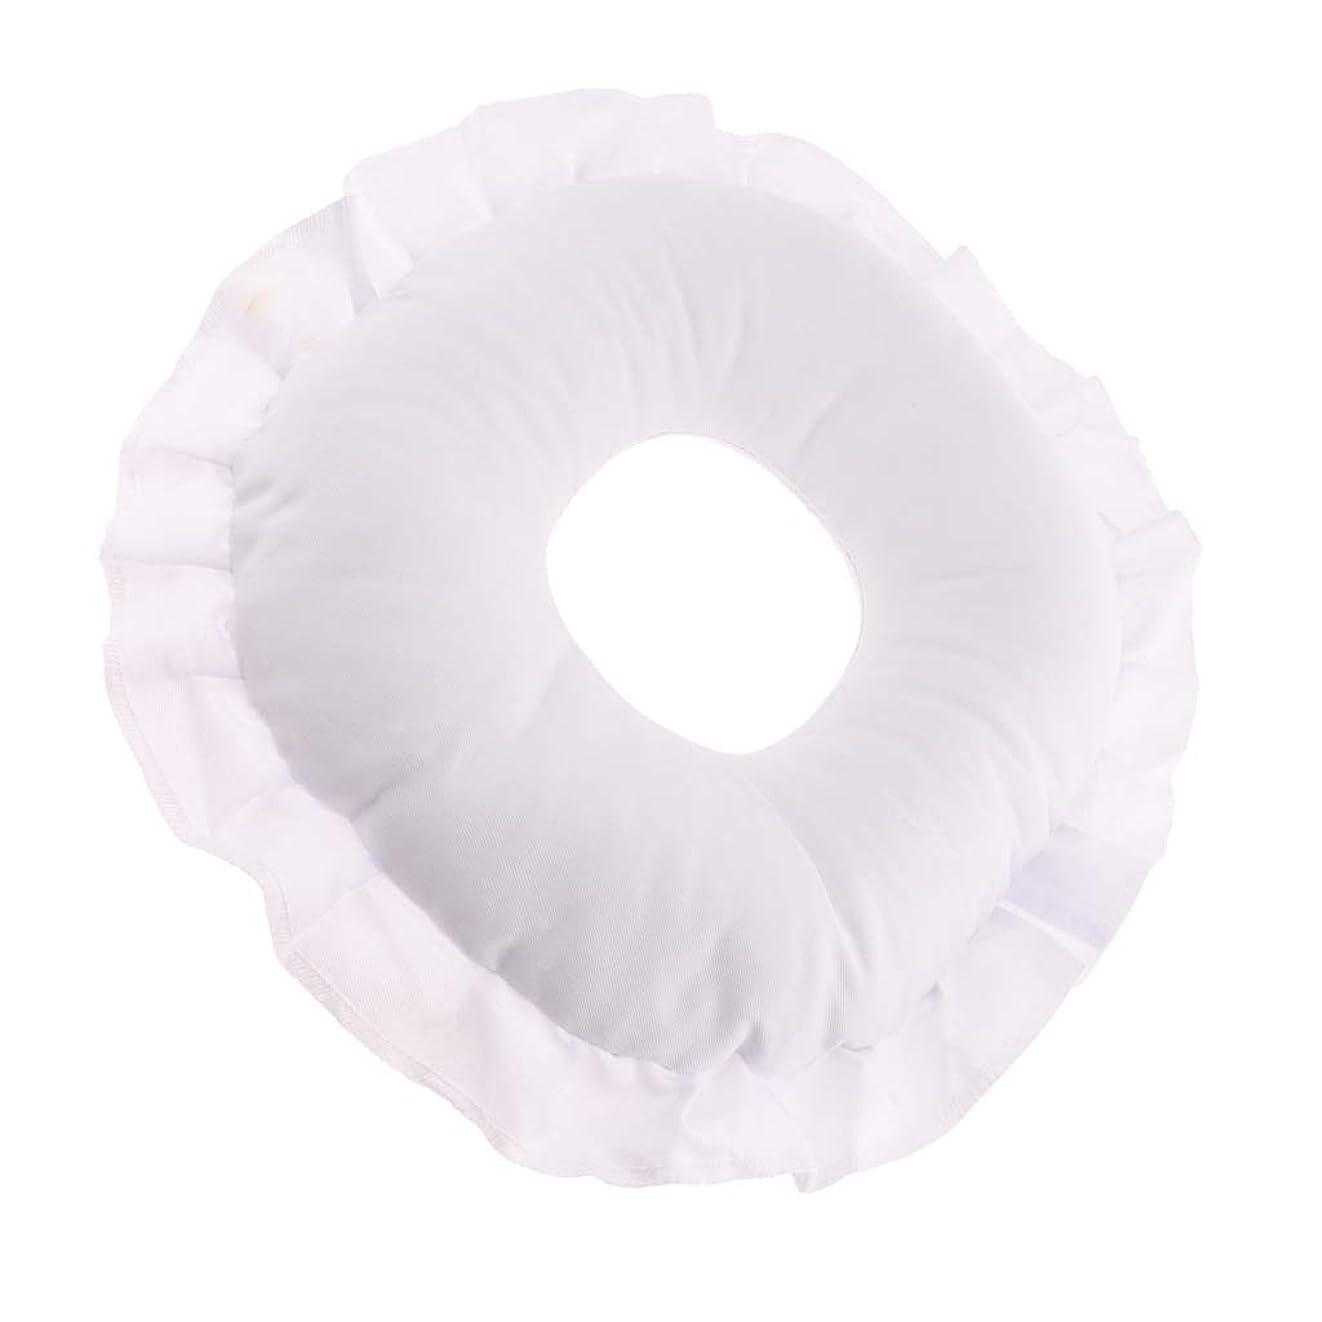 しゃがむ小売所得CUTICATE 全3色 フェイスピロー 顔枕 マッサージ枕 マッサージテーブルピロー 柔軟 洗えるカバー リラックス - 白